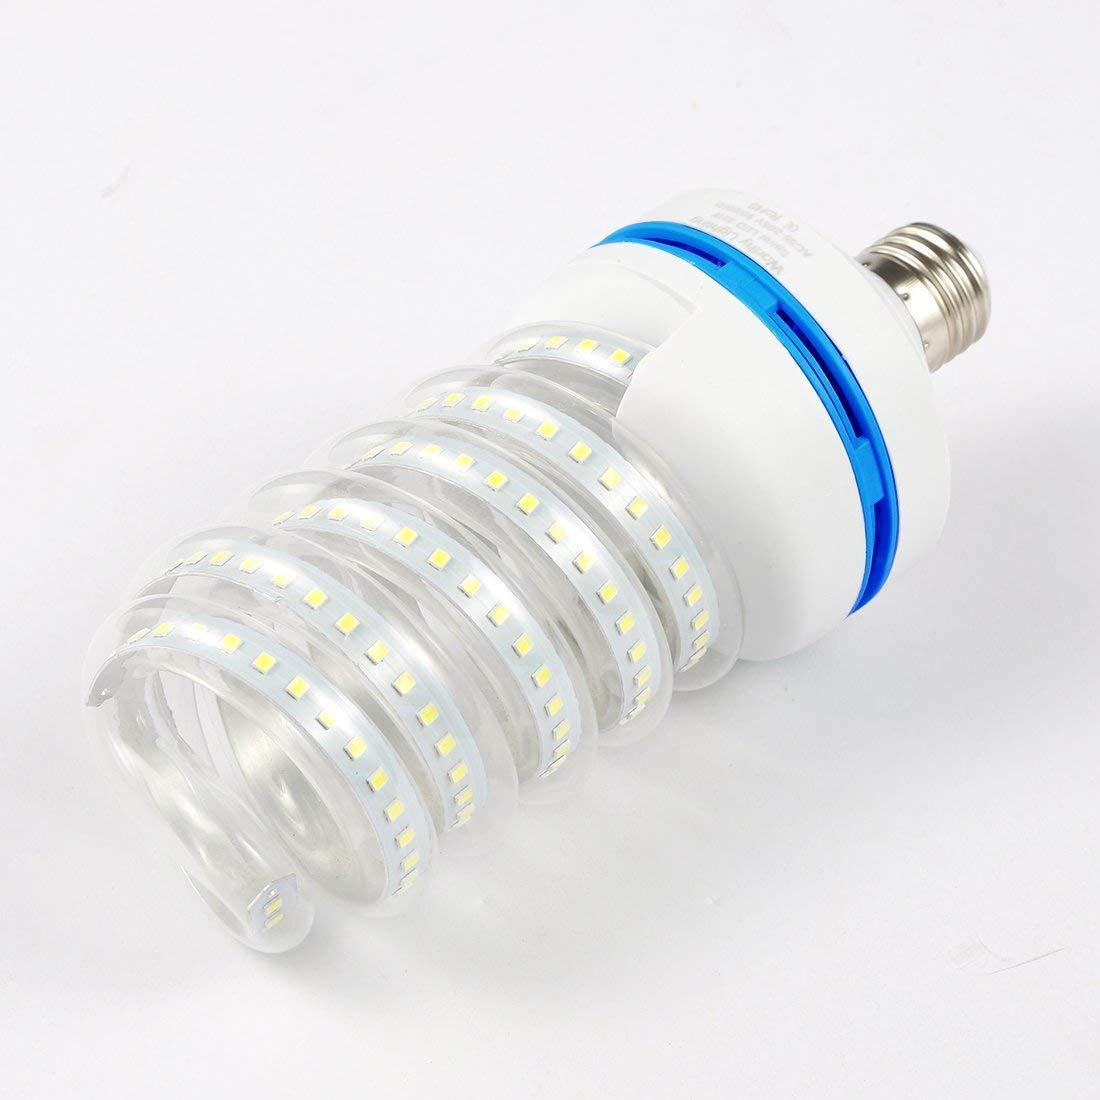 LED Lamp 250 Watt